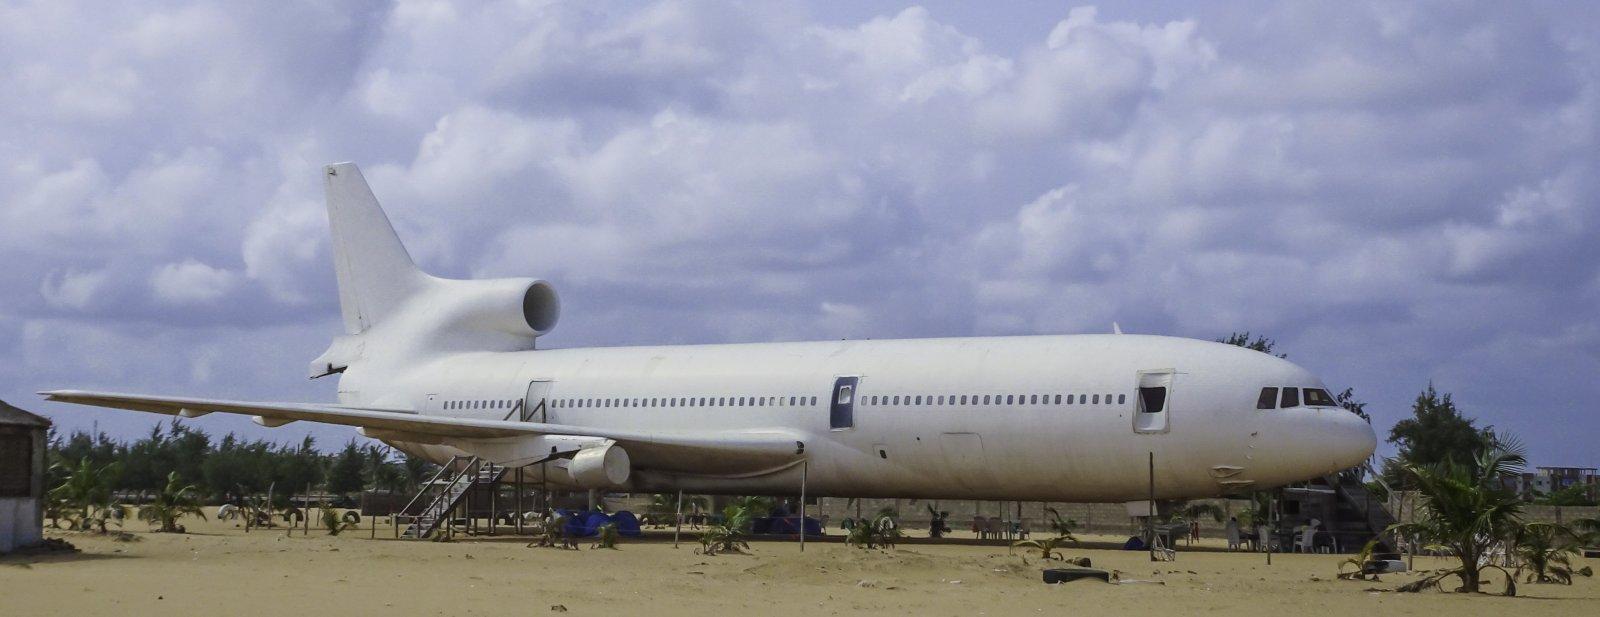 Air Rum Lockheed L-1011-200 TriStar 9L-LFB (9L = Sierra Leone)